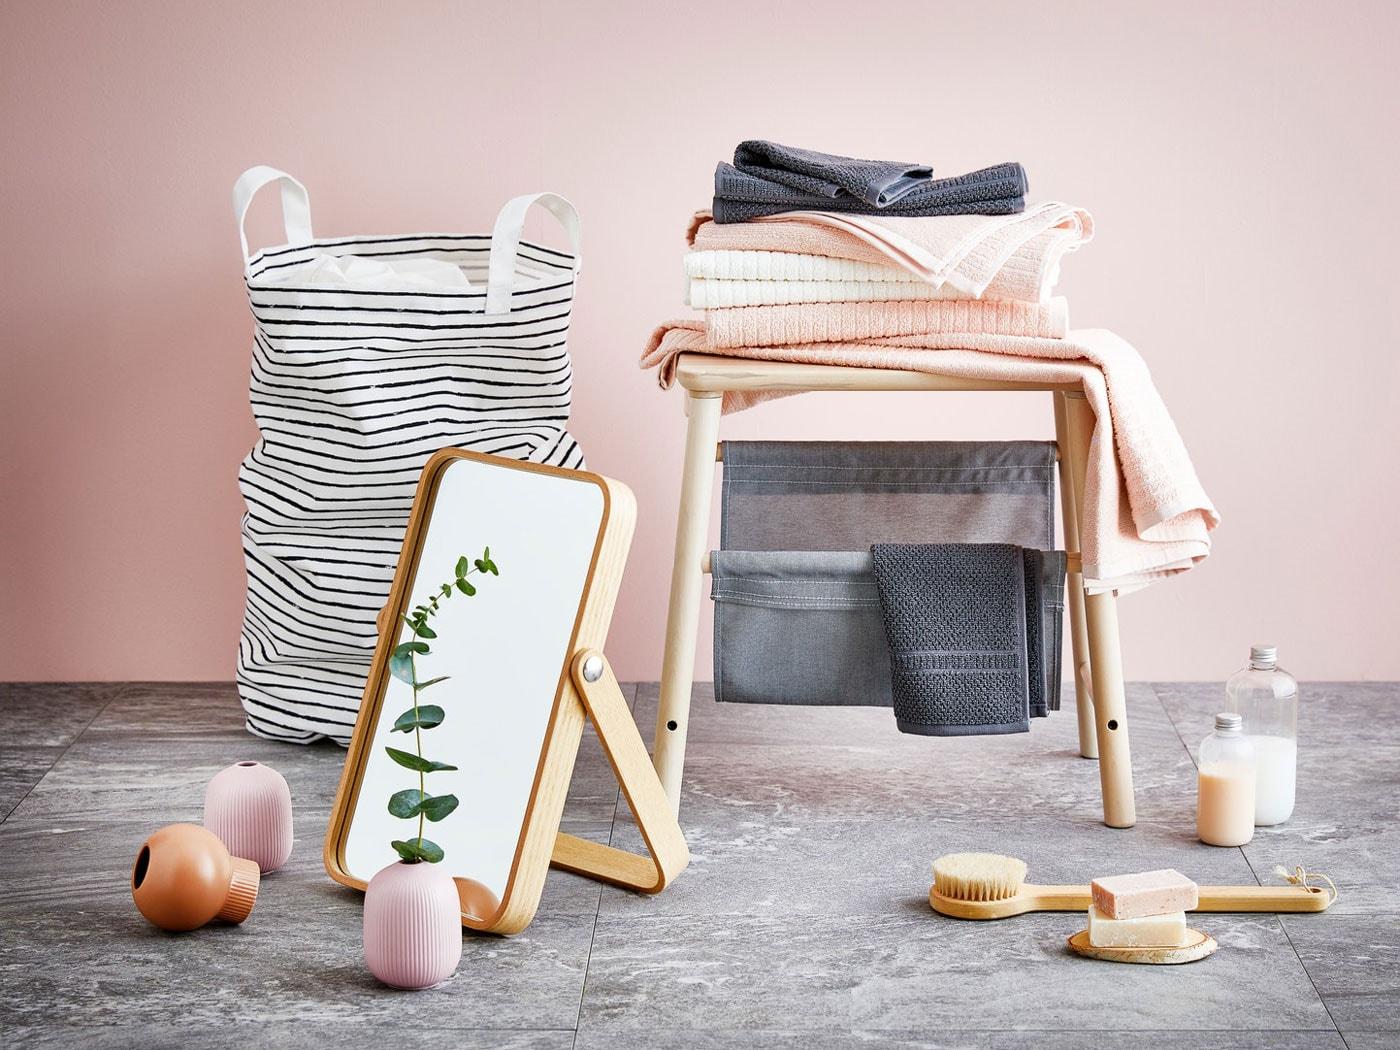 Růžová koupelna s dřevěným zrcadlem, kartáčem, lahvičkami se sprchovým gelem a růžovými, bílými a šedými ručníky ležícími na stoličce.